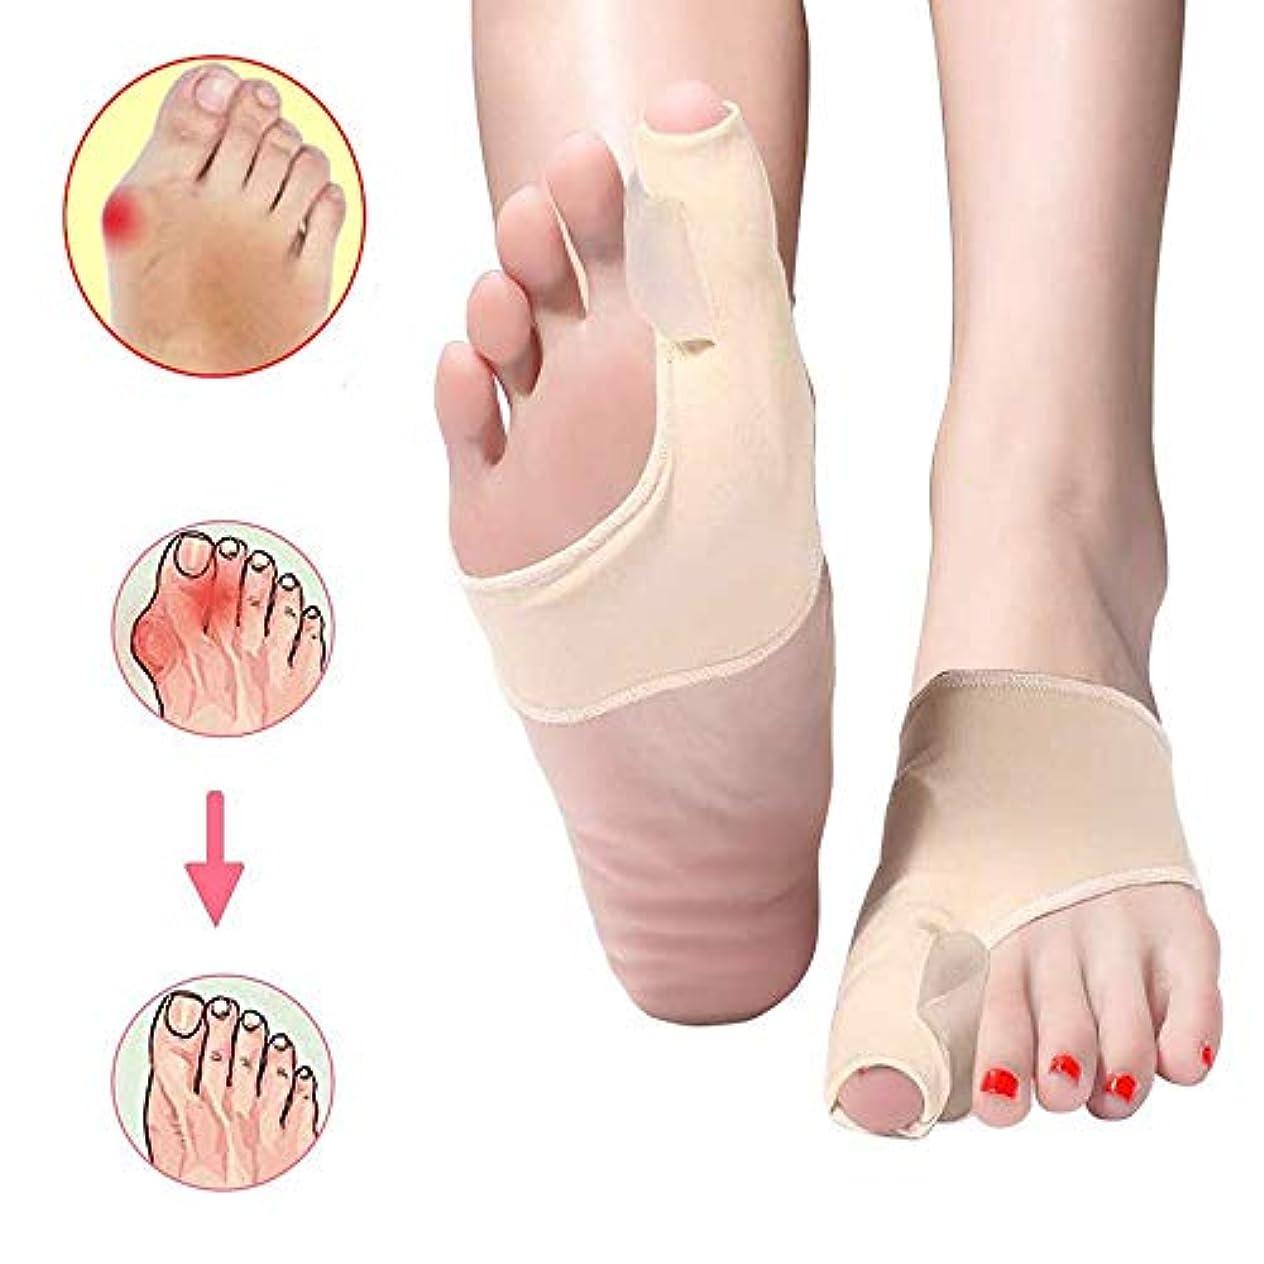 ブルジョン直面する狂う1ペア親指外反母Correct腱膜瘤矯正足の親指矯正腱膜瘤パッドブレースクッションシリコーンゲルパッドスプリントサポートプロテクタースリーブデイナイトナイト(アプリコットカラー)